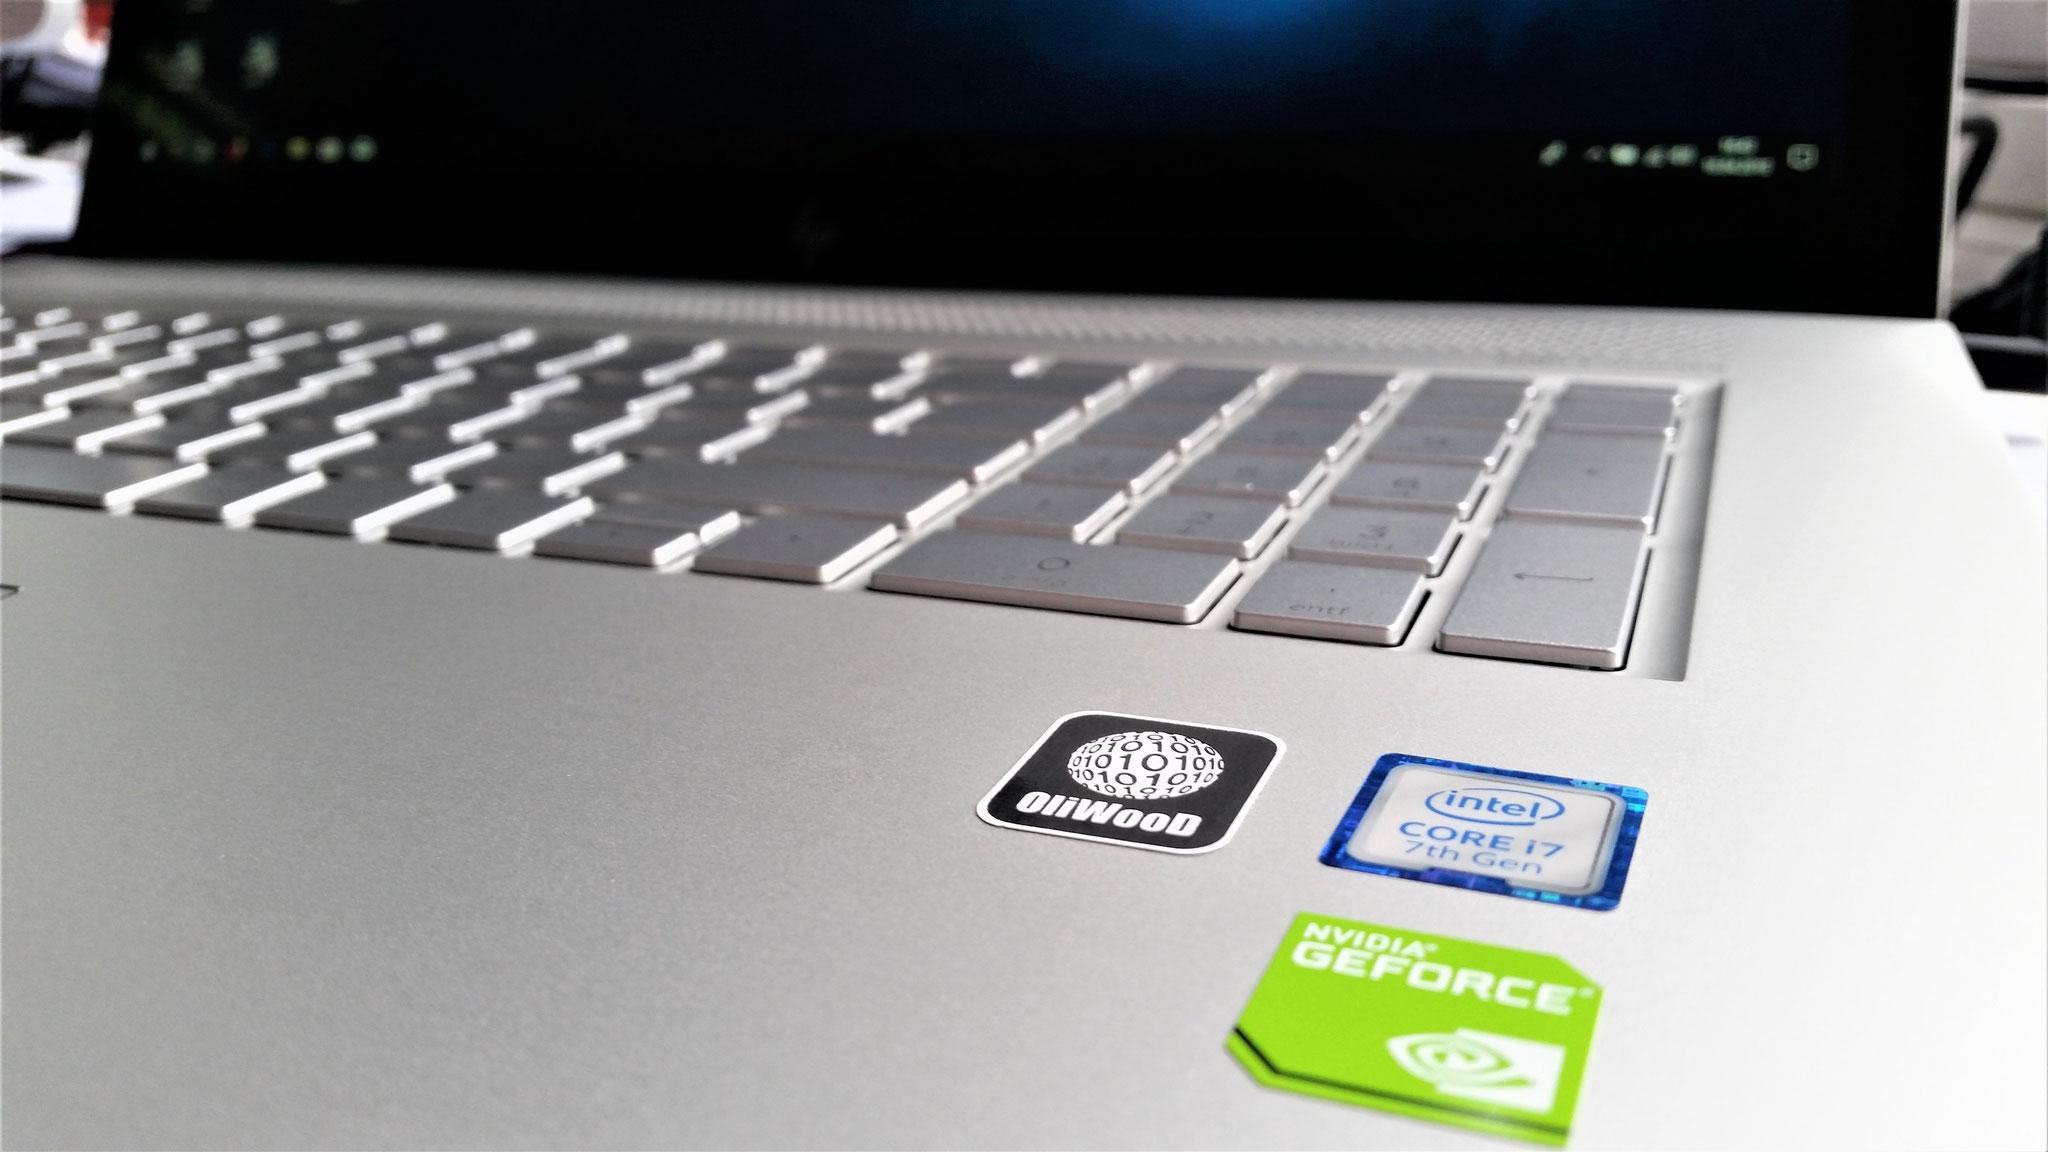 Günstige & Leistungsstarke Notebooks selbst zusammenstellen lassen. Büro-, Allrounder, Gaming- oder Business-Laptop?...